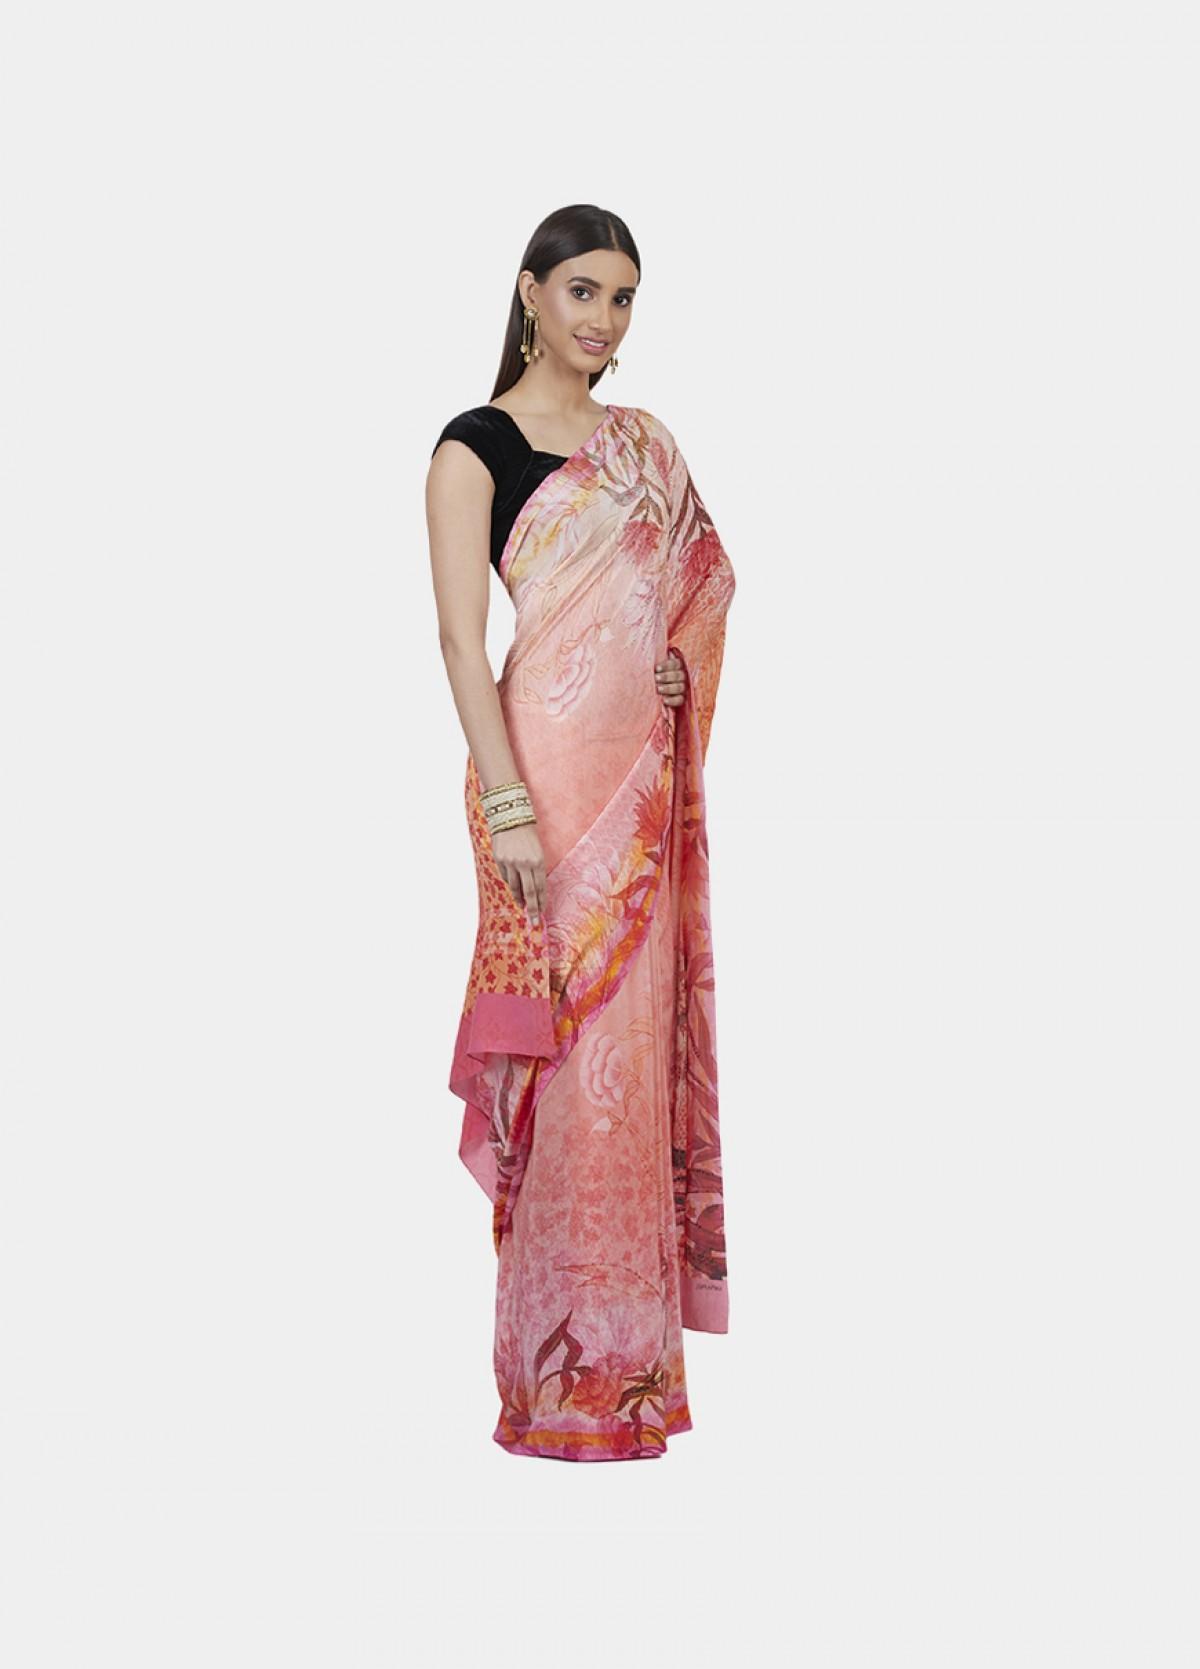 The Phulwari Sari